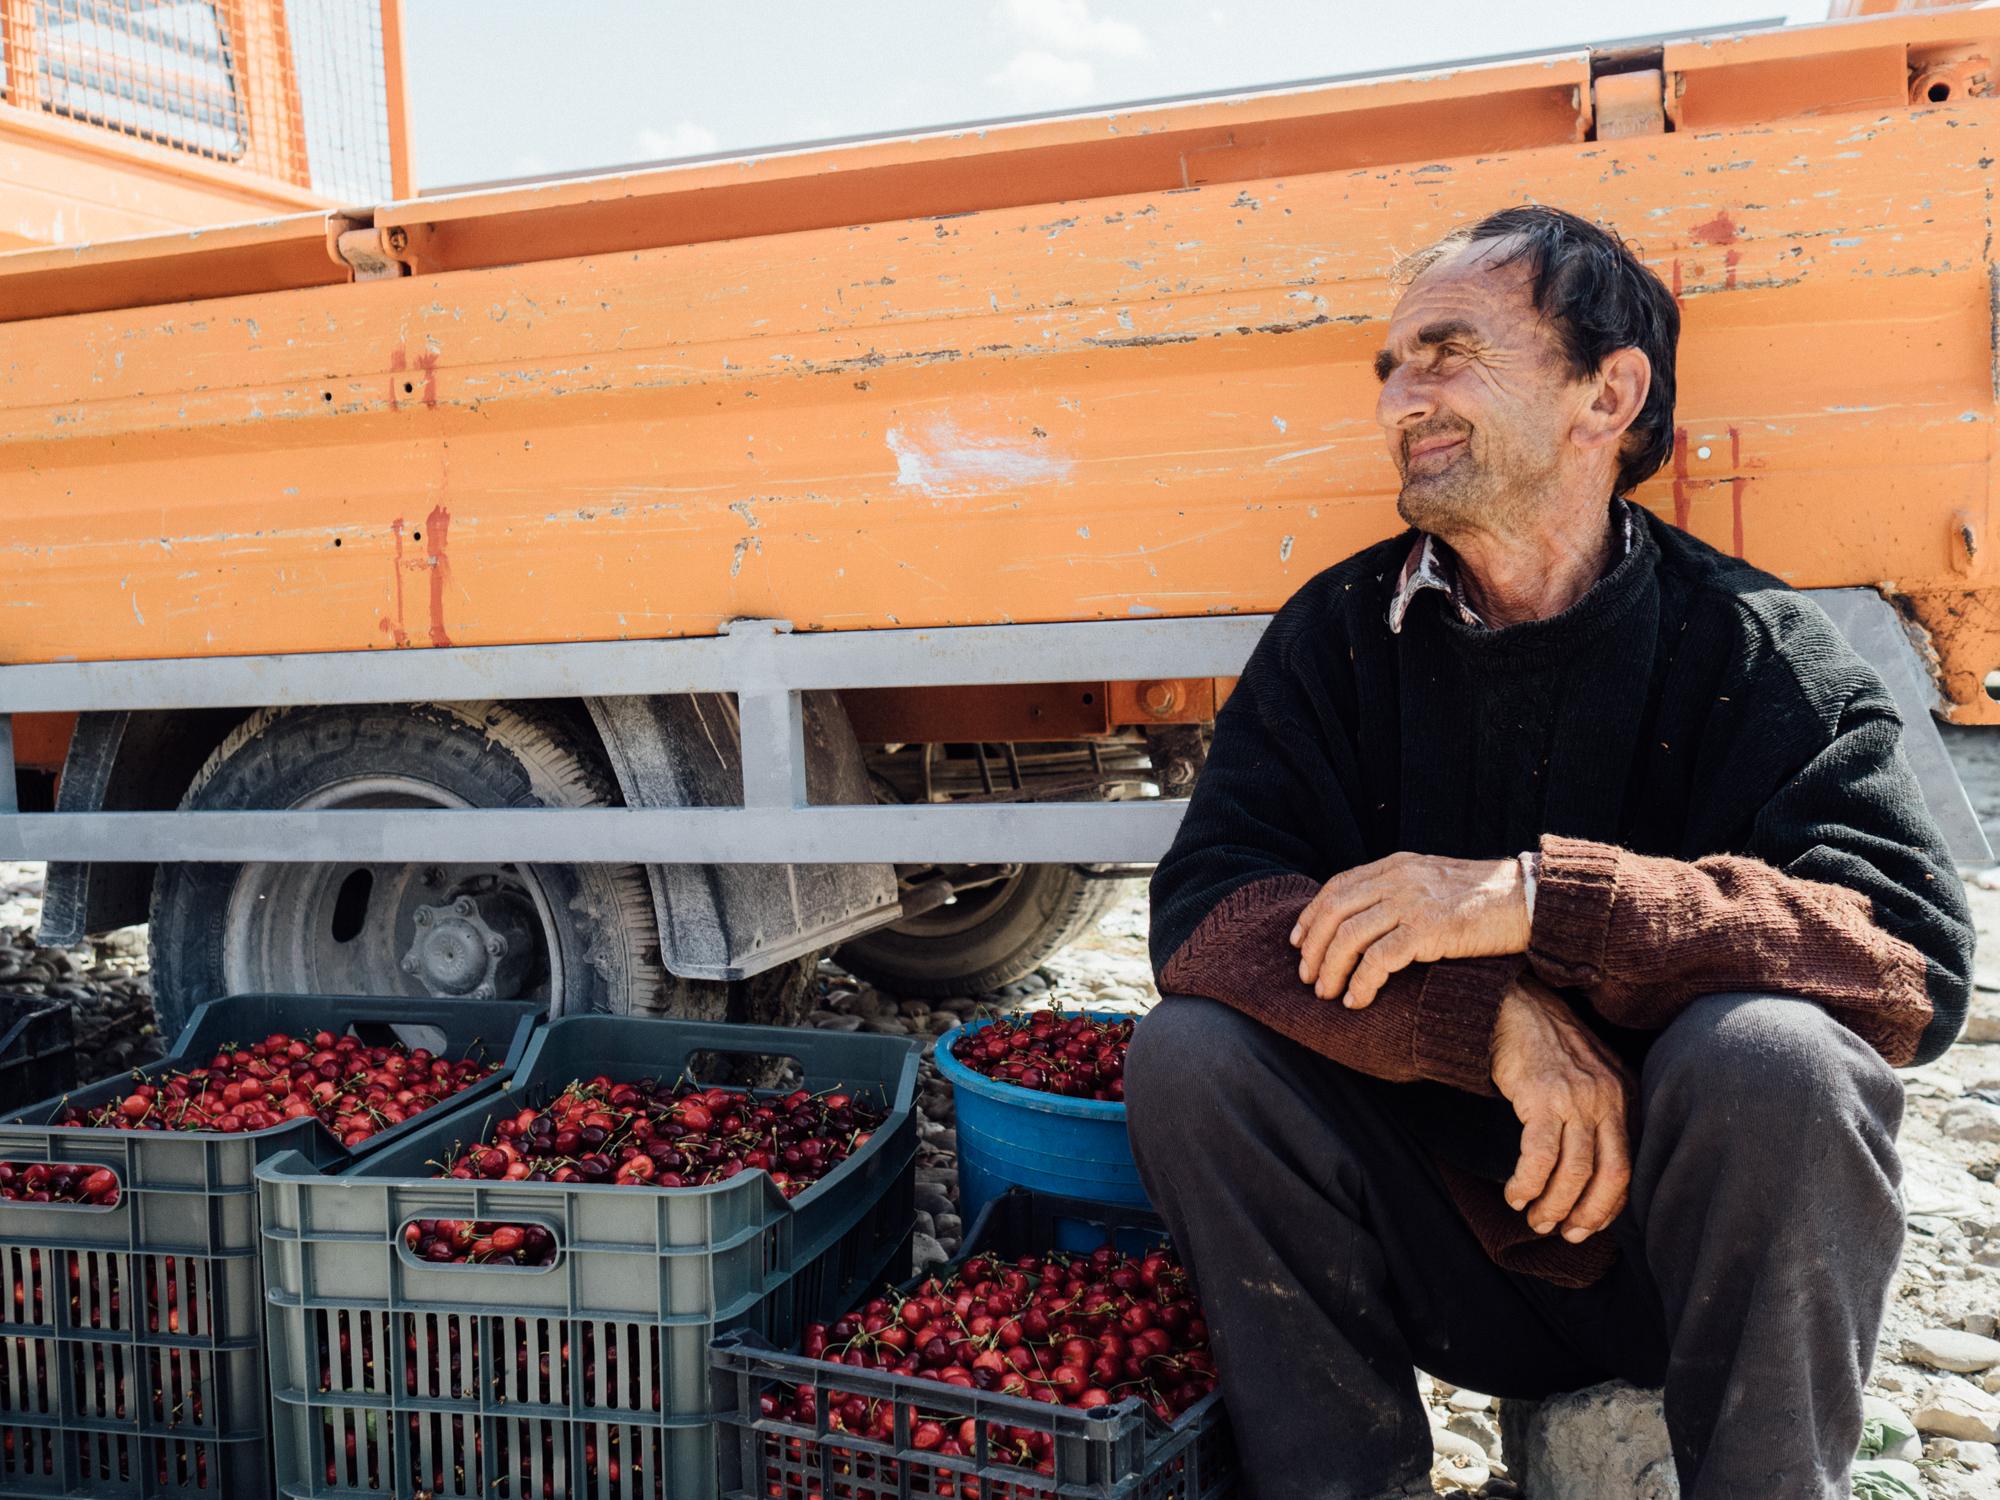 The Cherry Market